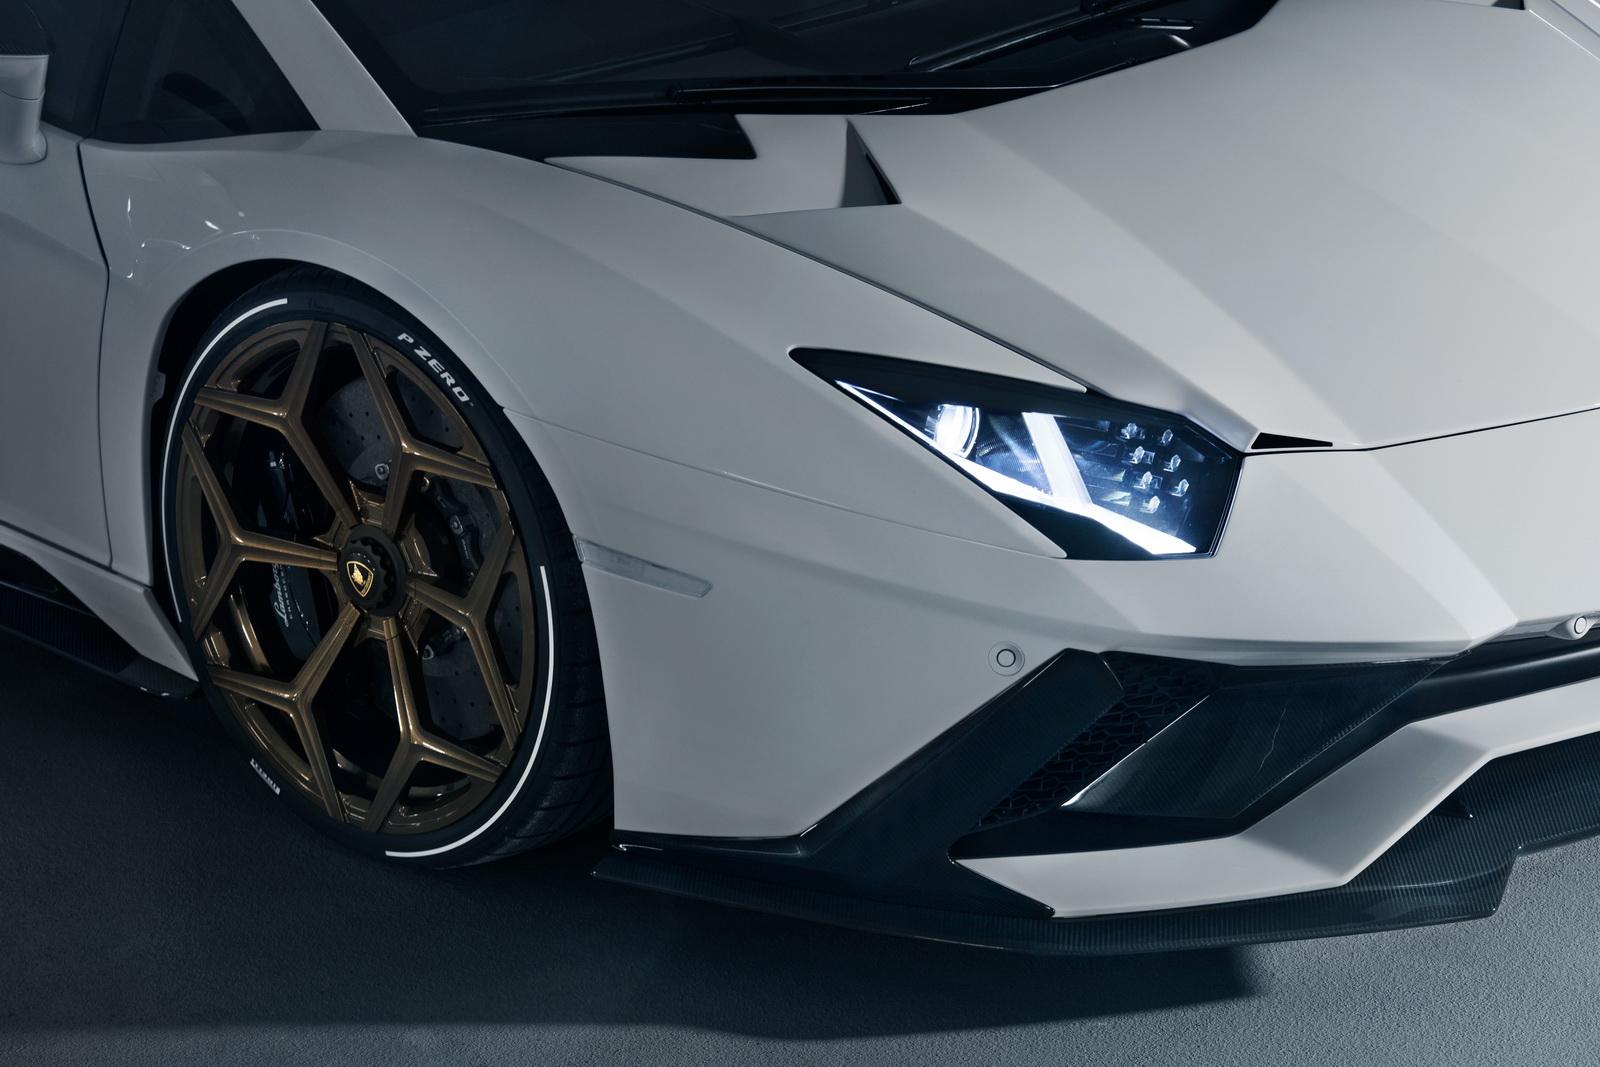 Lamborghini_Aventador_S_by_Novitec_0004